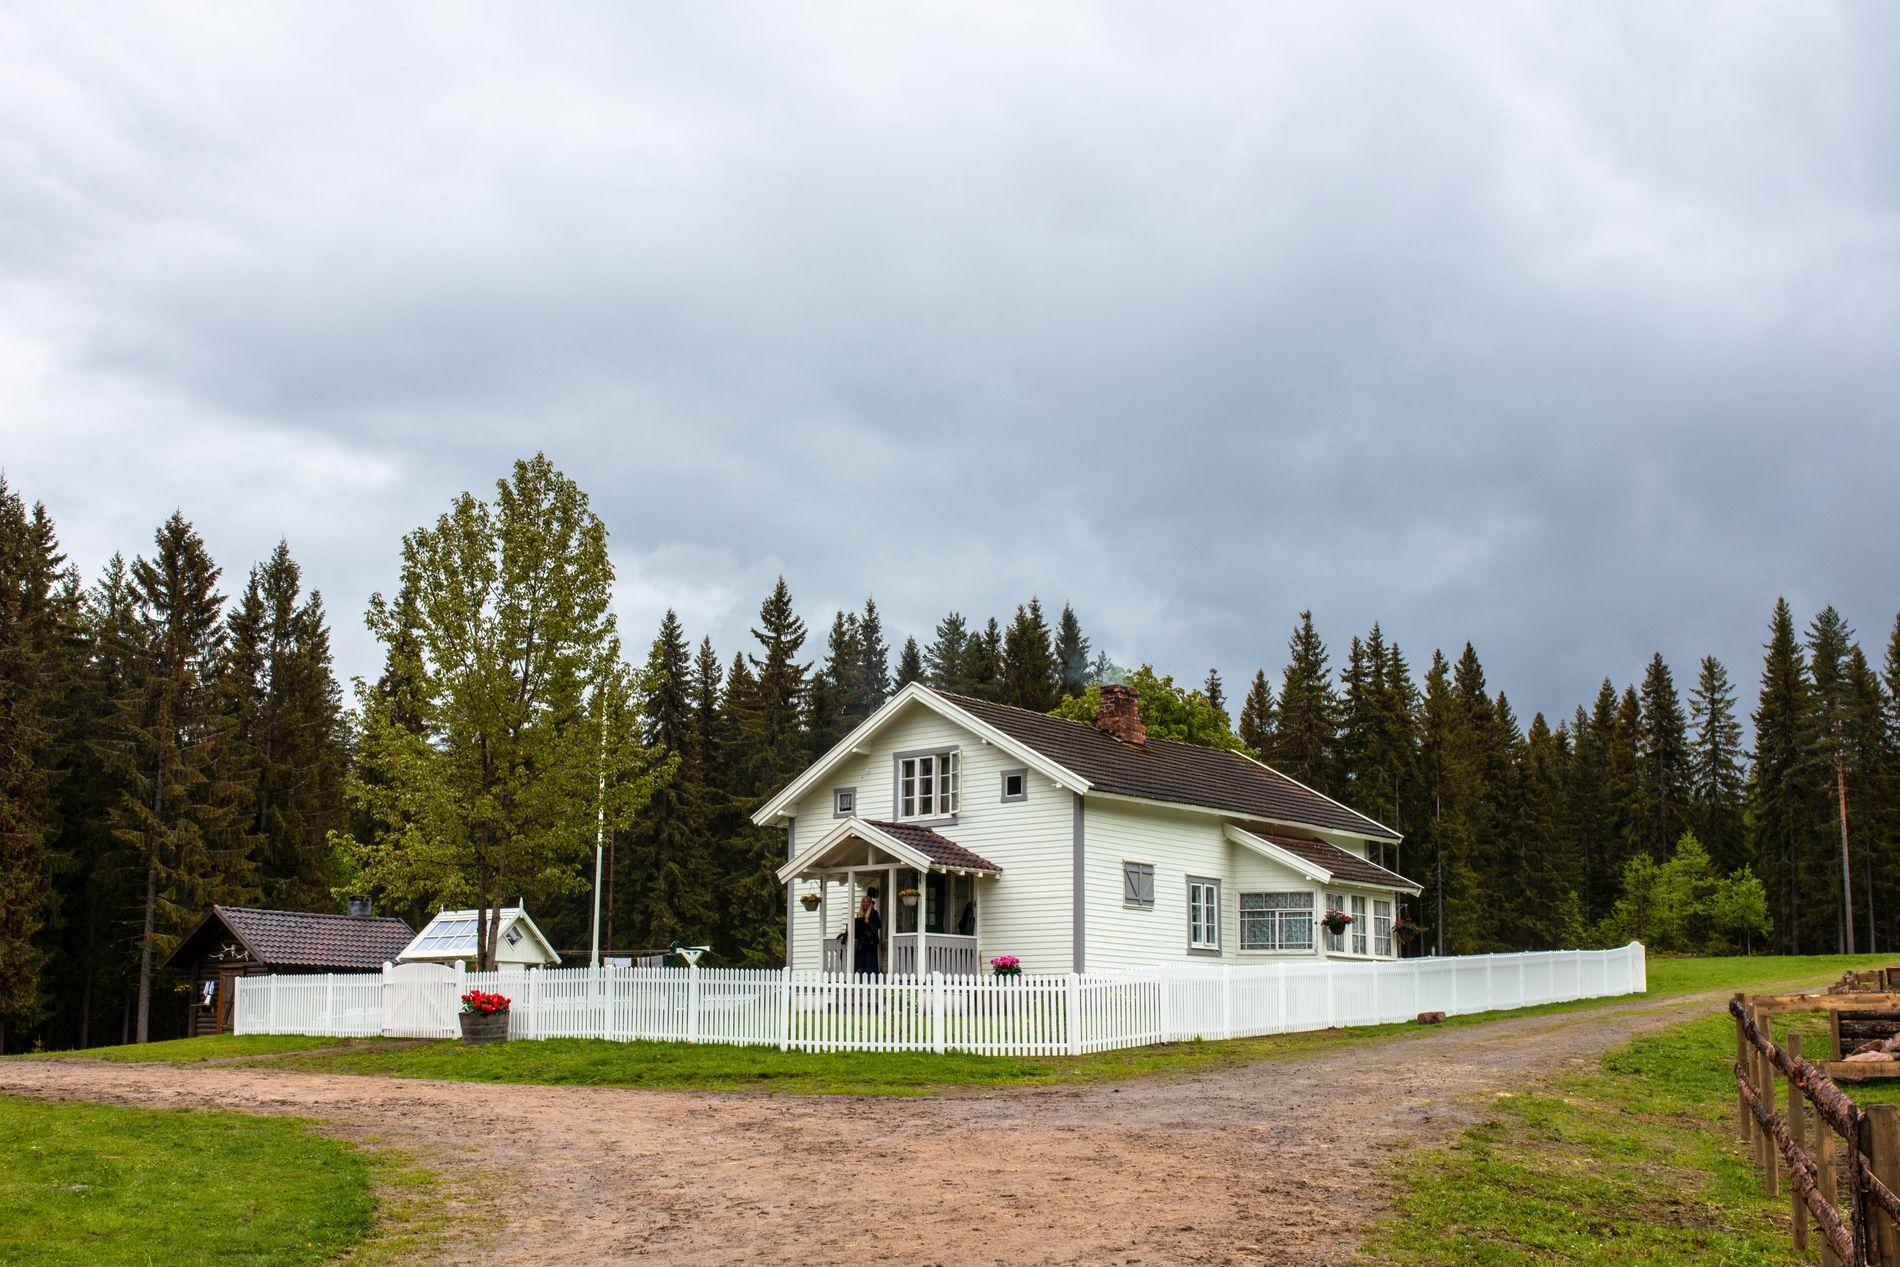 IDYLLISK: Det er på denne gården i Finnskogen i Grue kommune at neste «Farmen kjendis» finner sted.